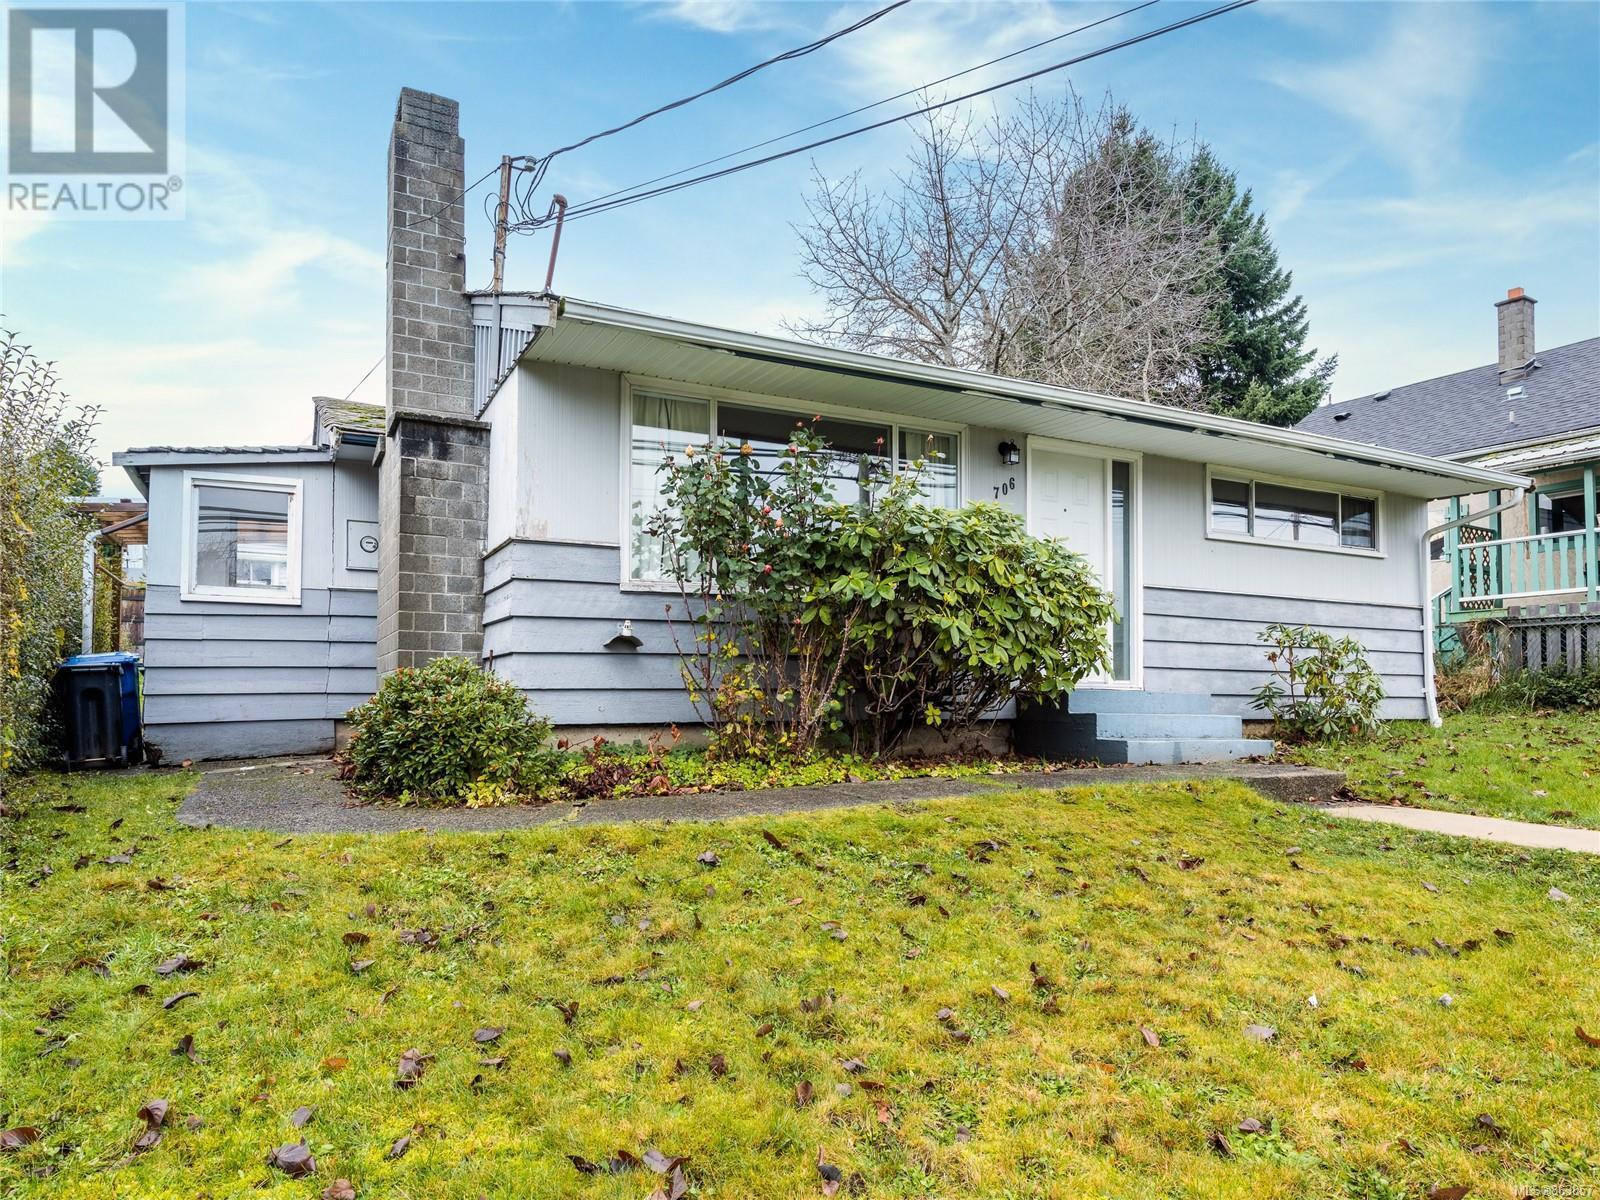 706 Victoria Rd, Nanaimo, British Columbia  V9R 4R5 - Photo 3 - 863857